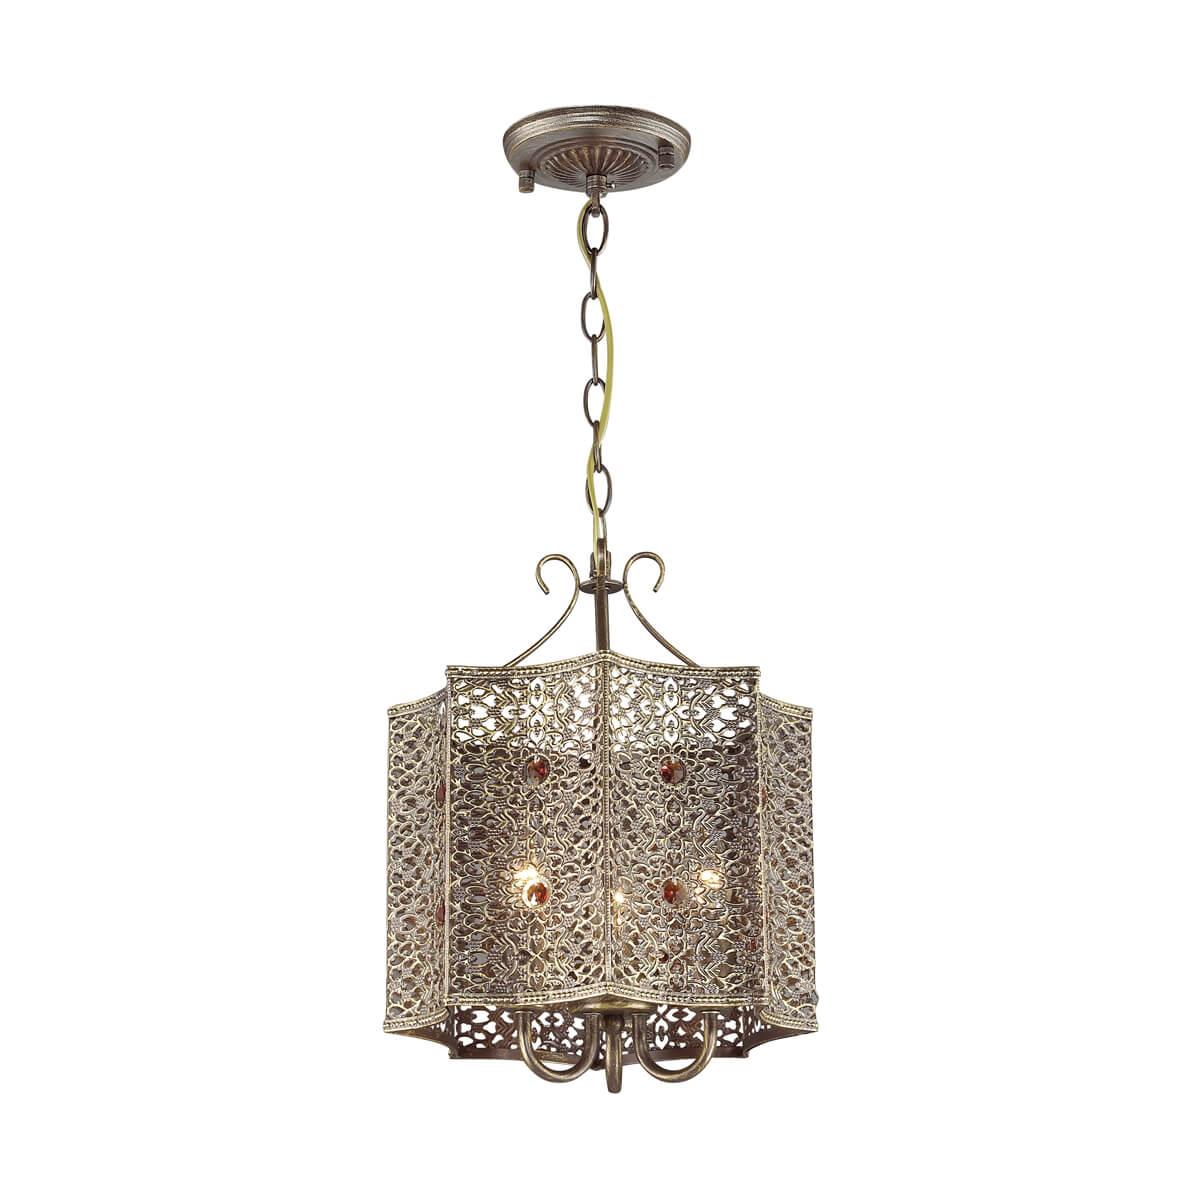 Подвесная люстра Favourite Bazar 1624-3P накладной светильник bazar 1624 1w